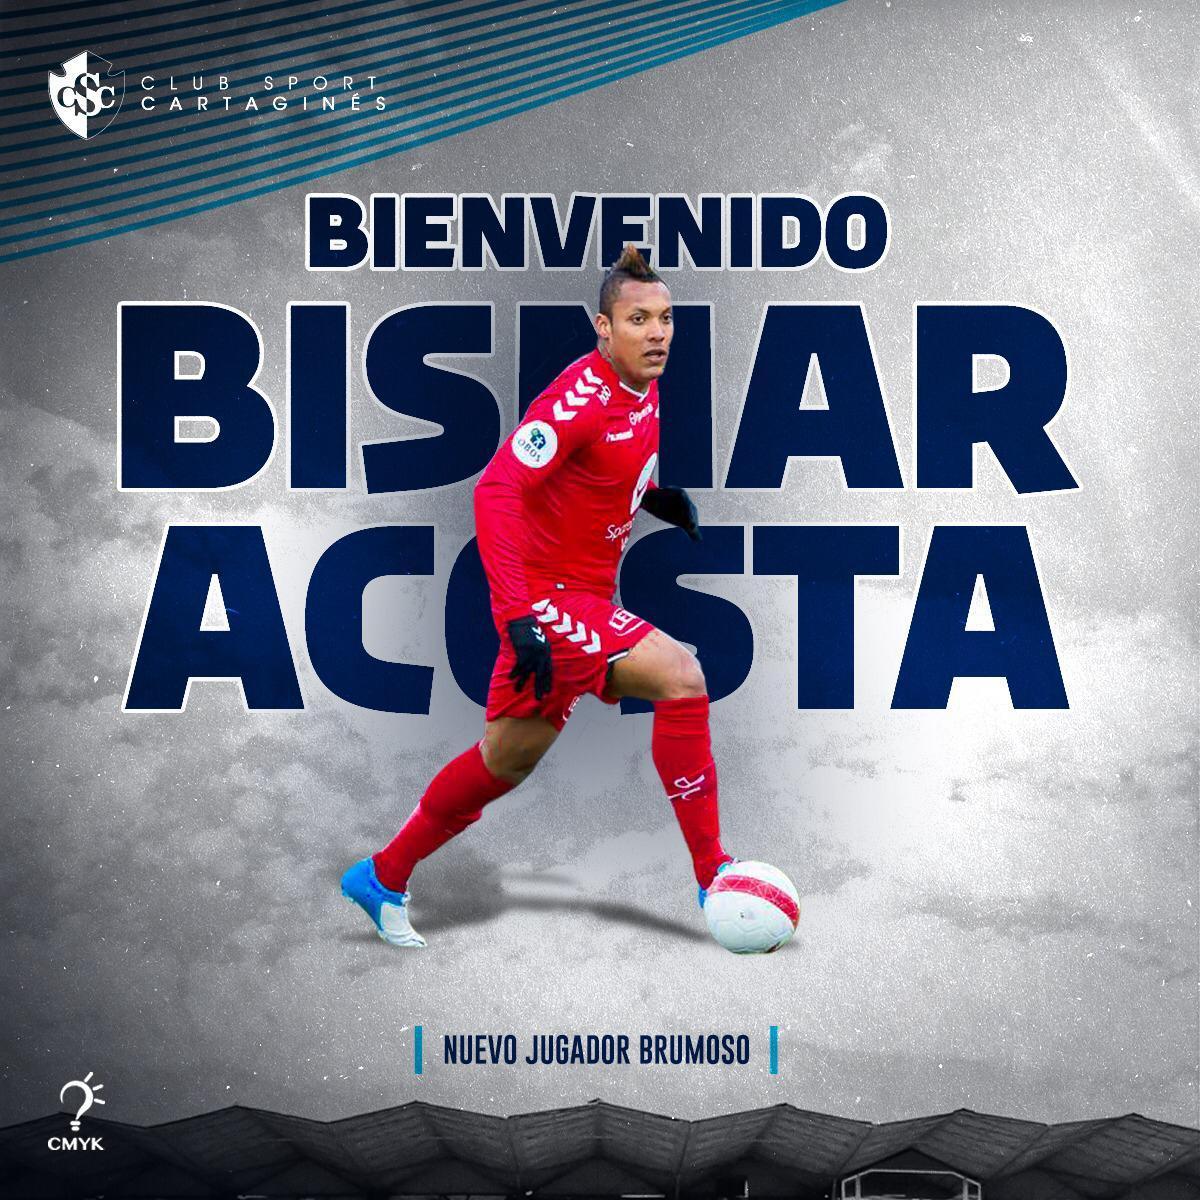 El defensor Bismar Acosta regresa al país tras 8 años en Europa y ficha con el Cartaginés.